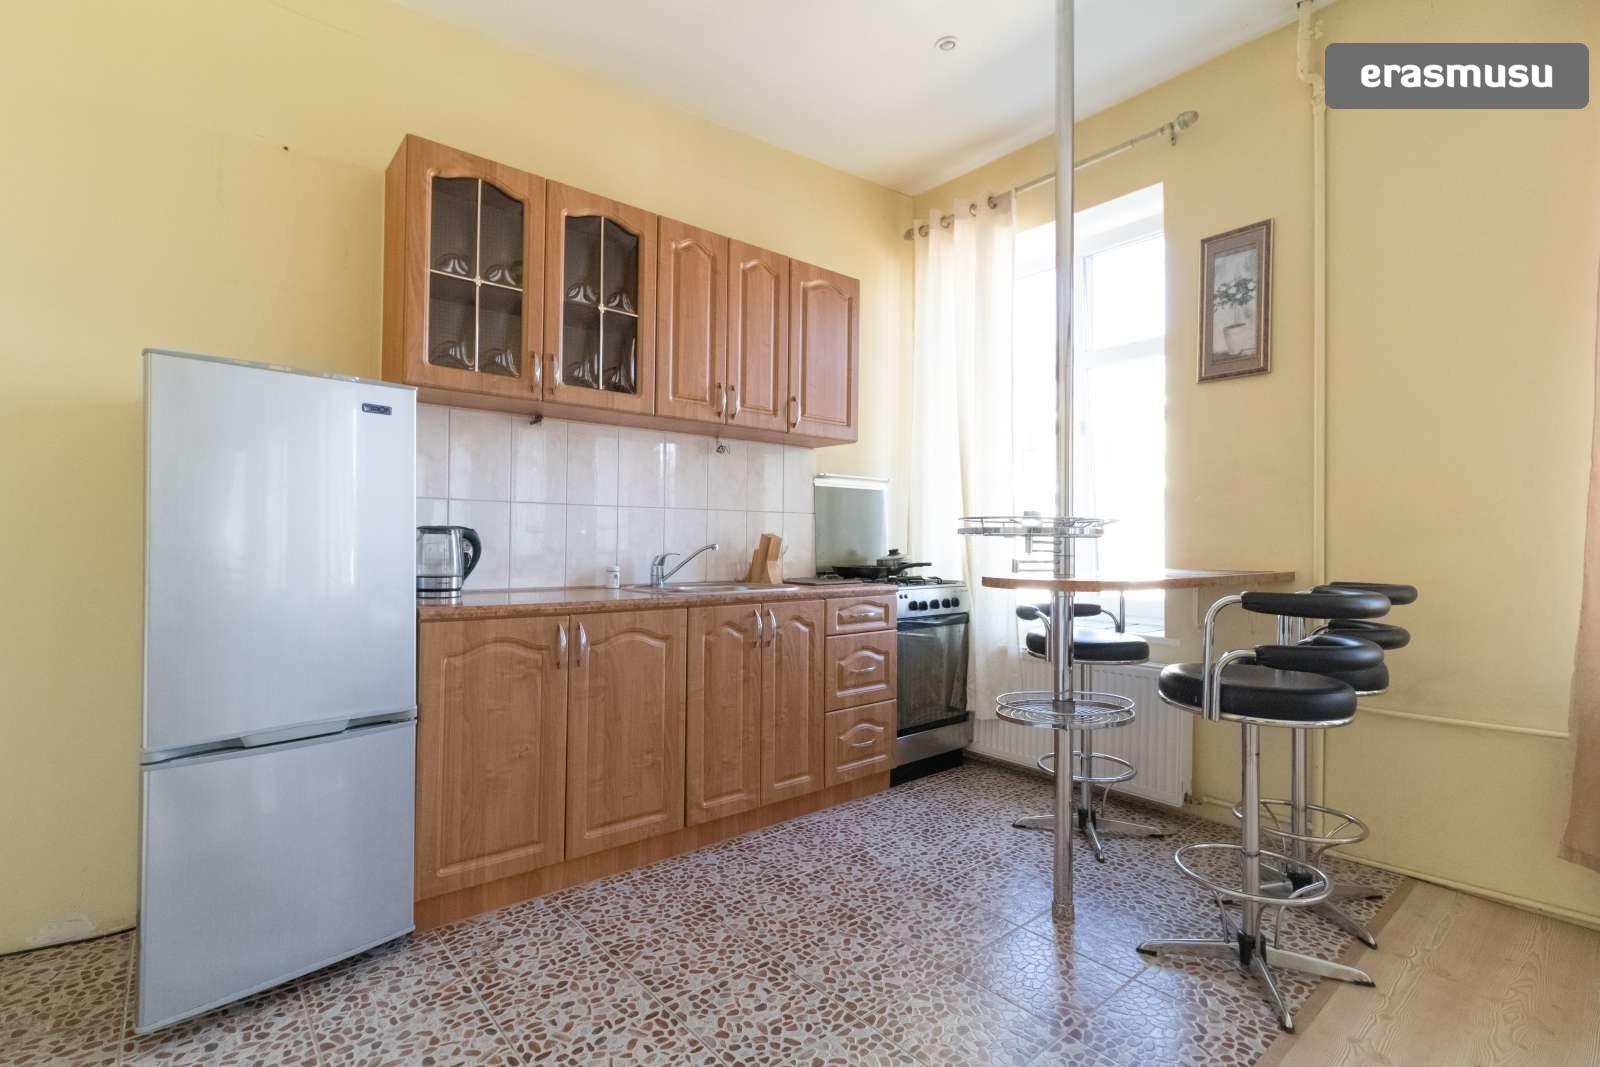 bright-studio-apartment-rent-centrs-1ffd819ed85aedde7ae49b7ed664